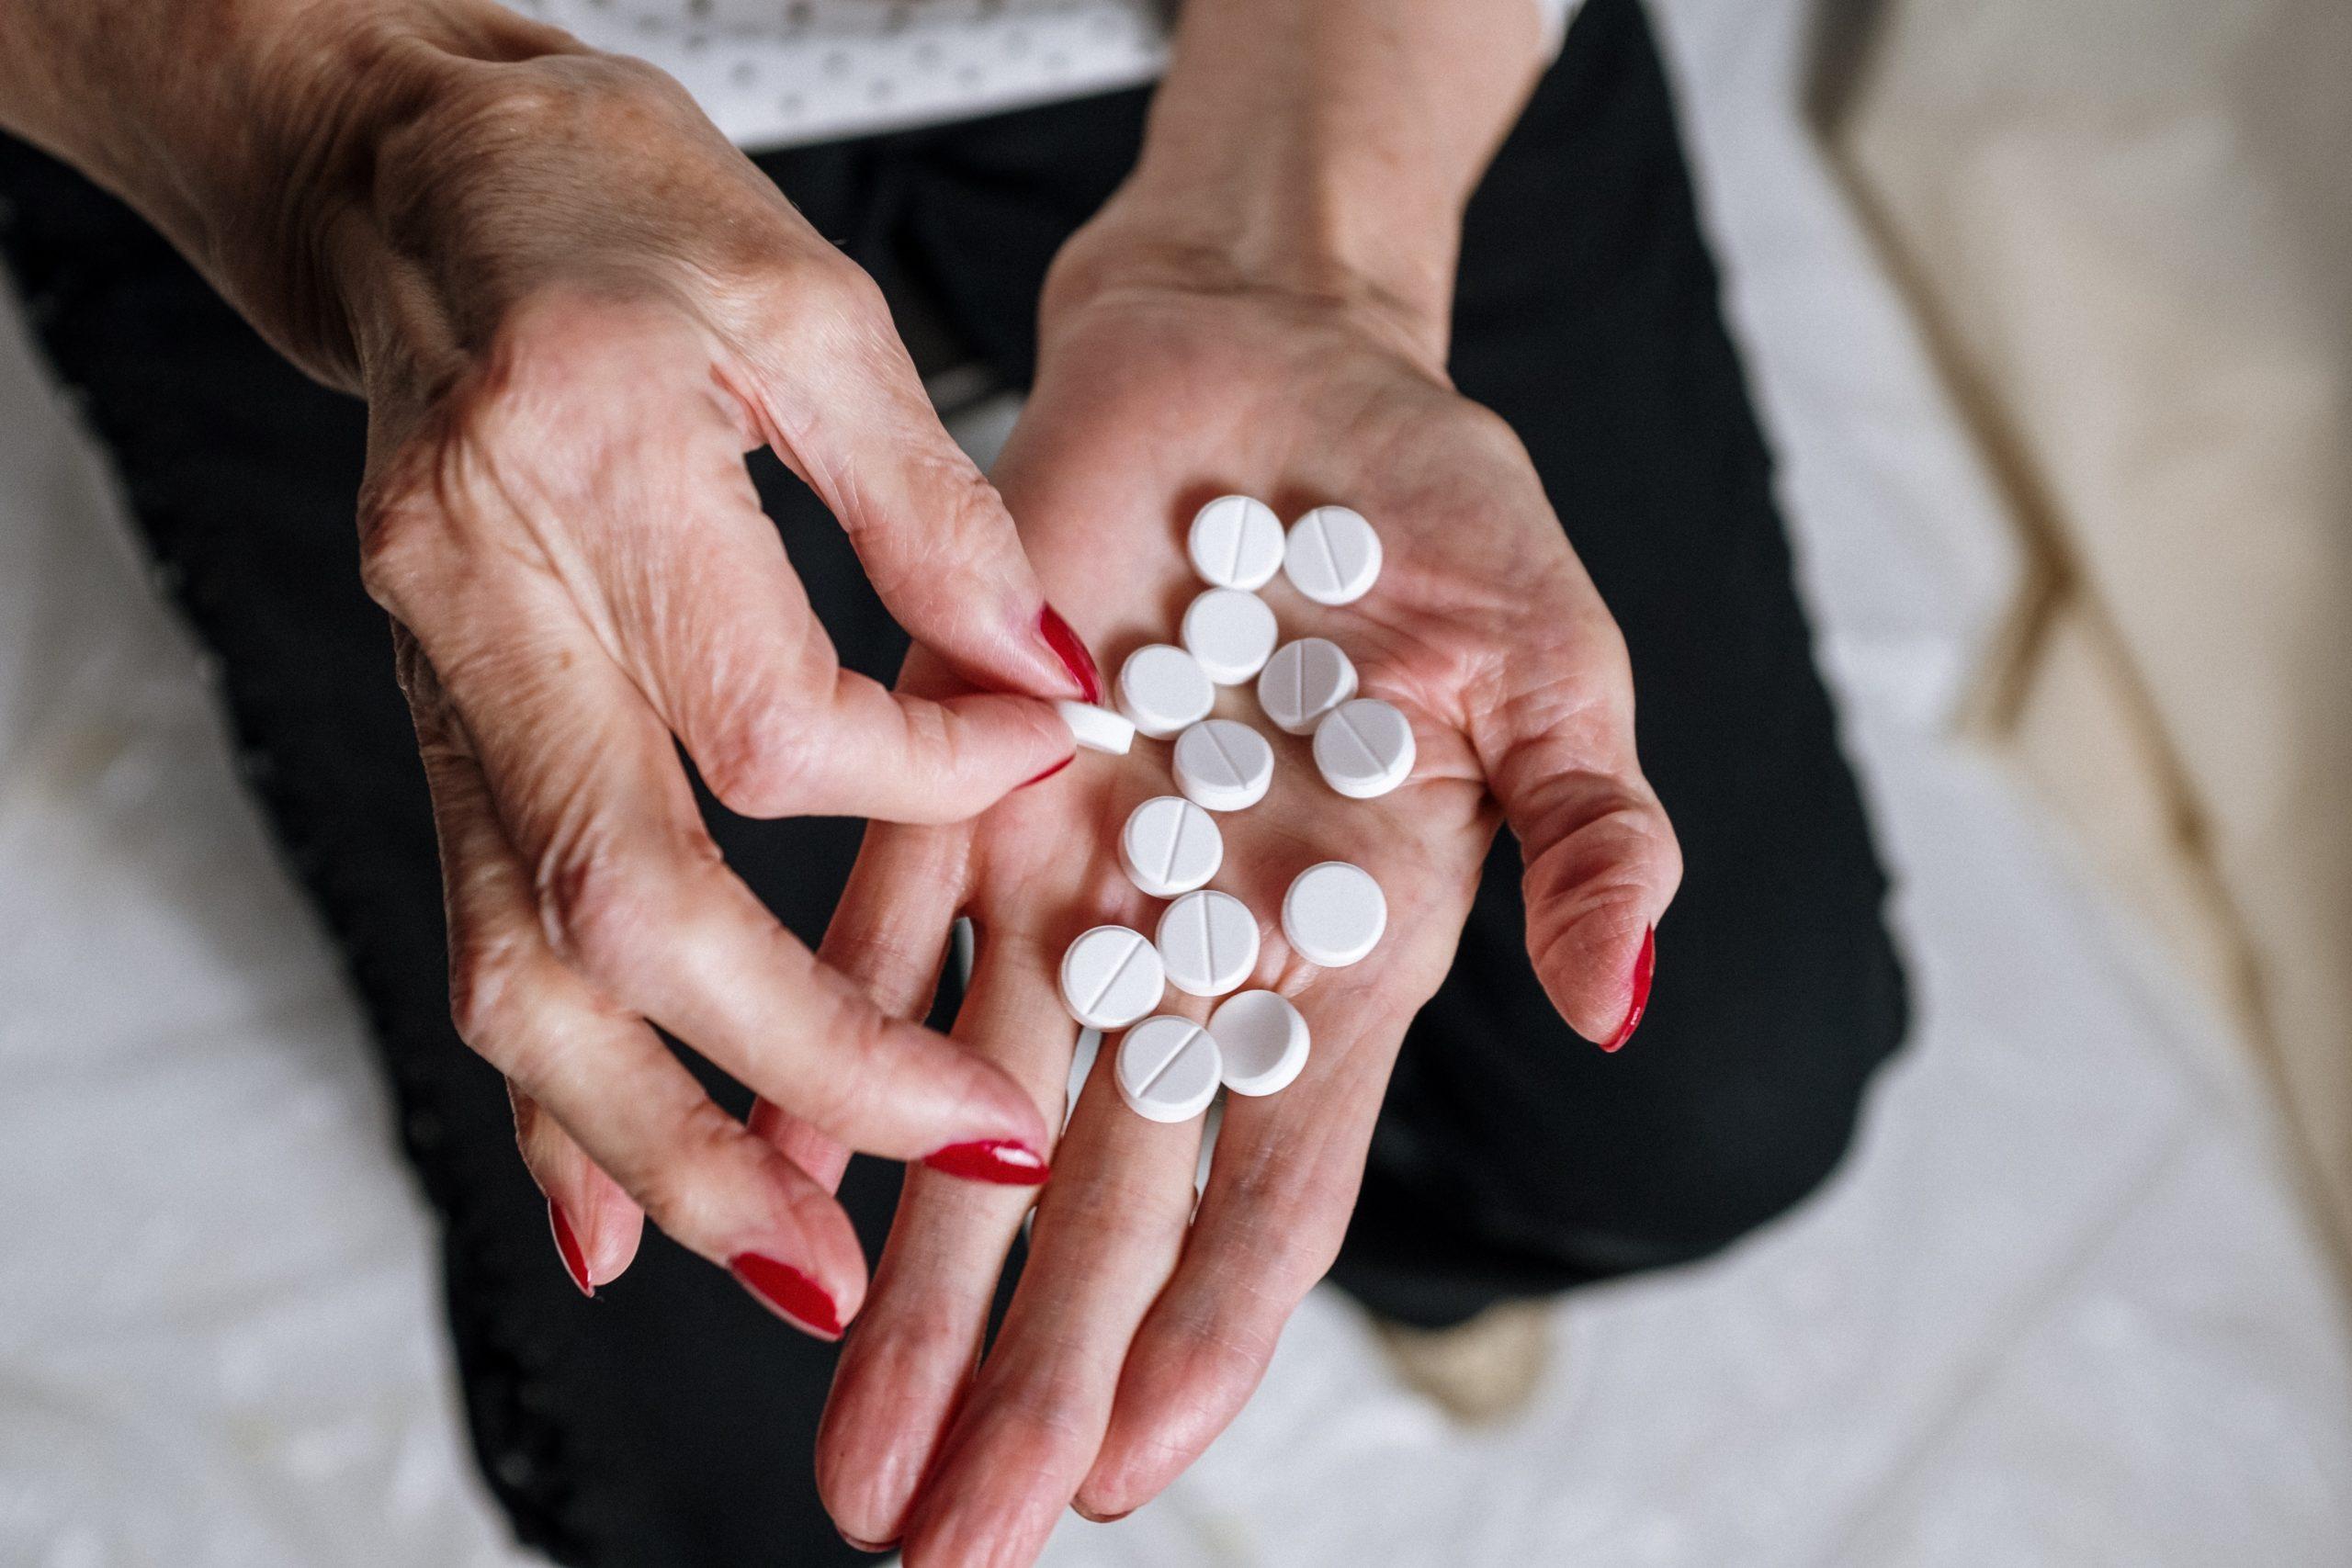 Pillen gegen Alzheimer? Eine ältere Dame hält Medikamente in ihrer linken Hand